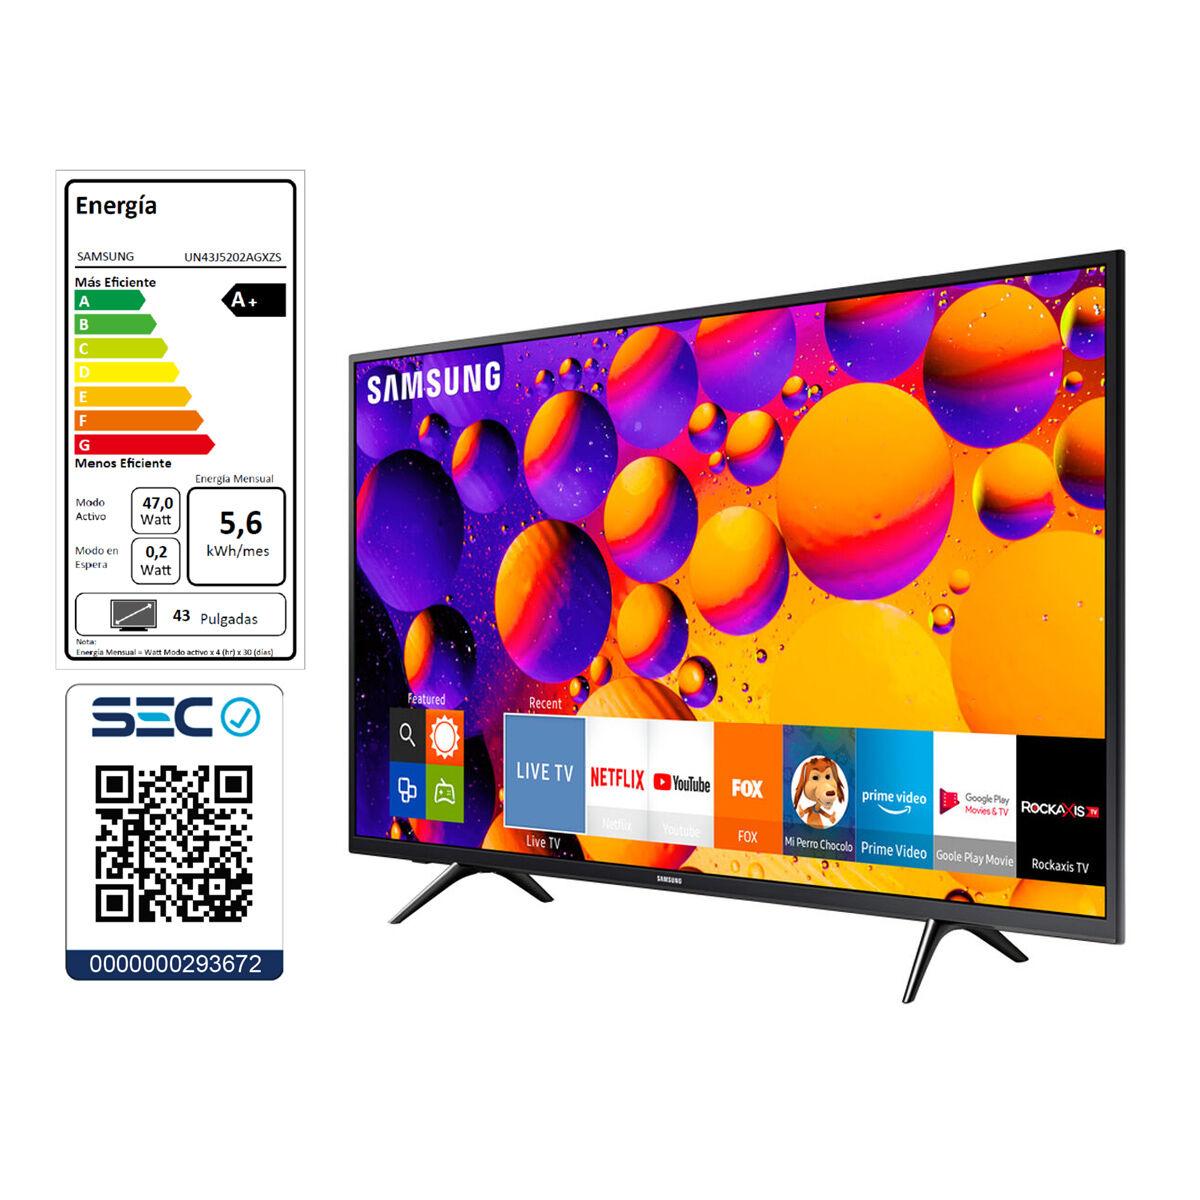 """LED 43"""" Samsung UN43J5202AGXZS Smart TV Full HD"""